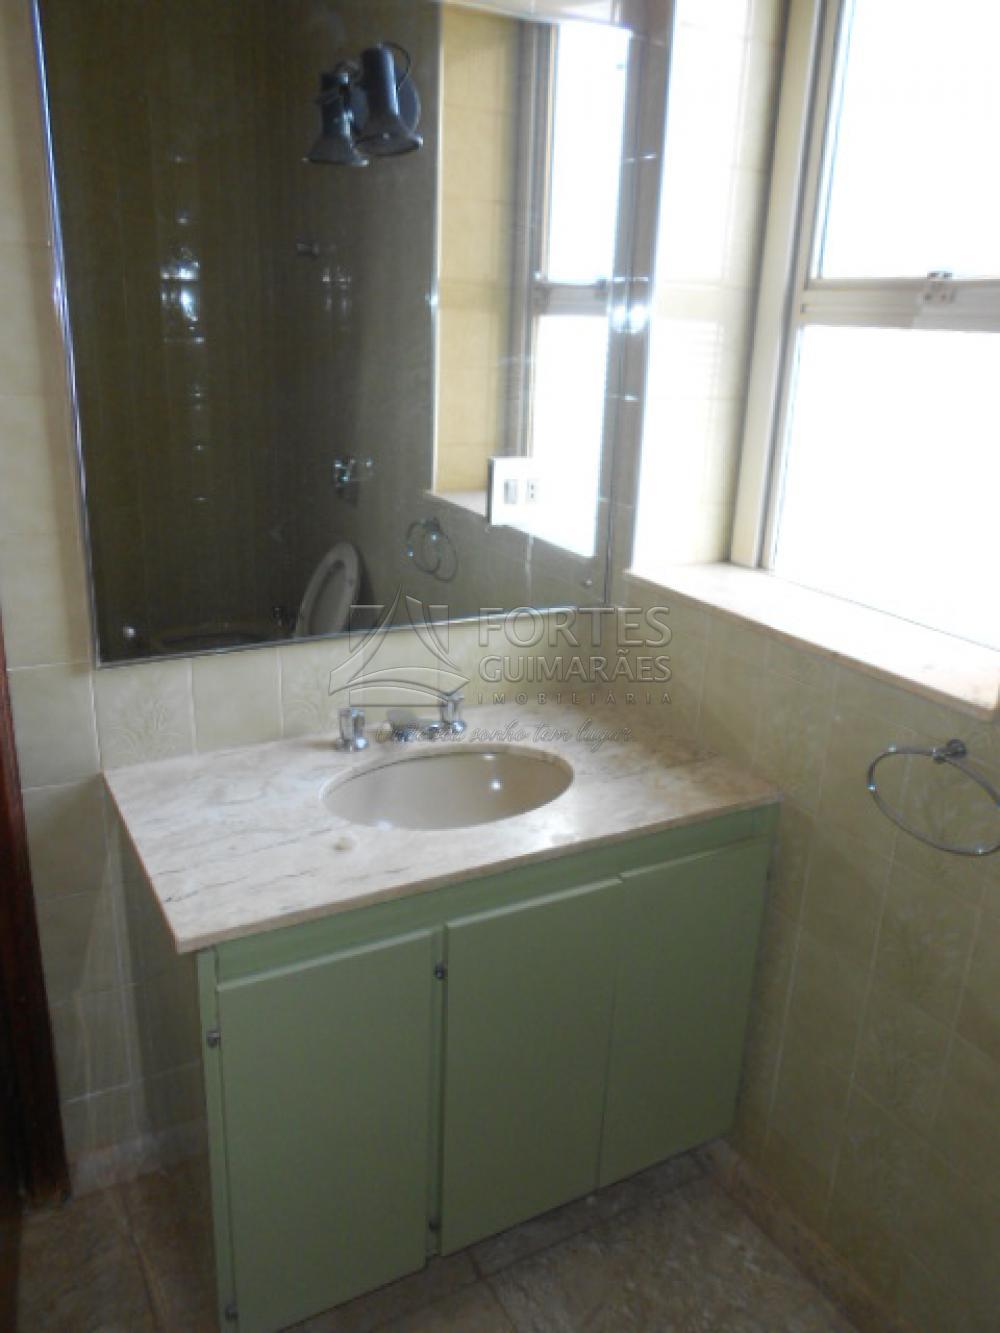 Alugar Apartamentos / Padrão em Ribeirão Preto apenas R$ 1.500,00 - Foto 49